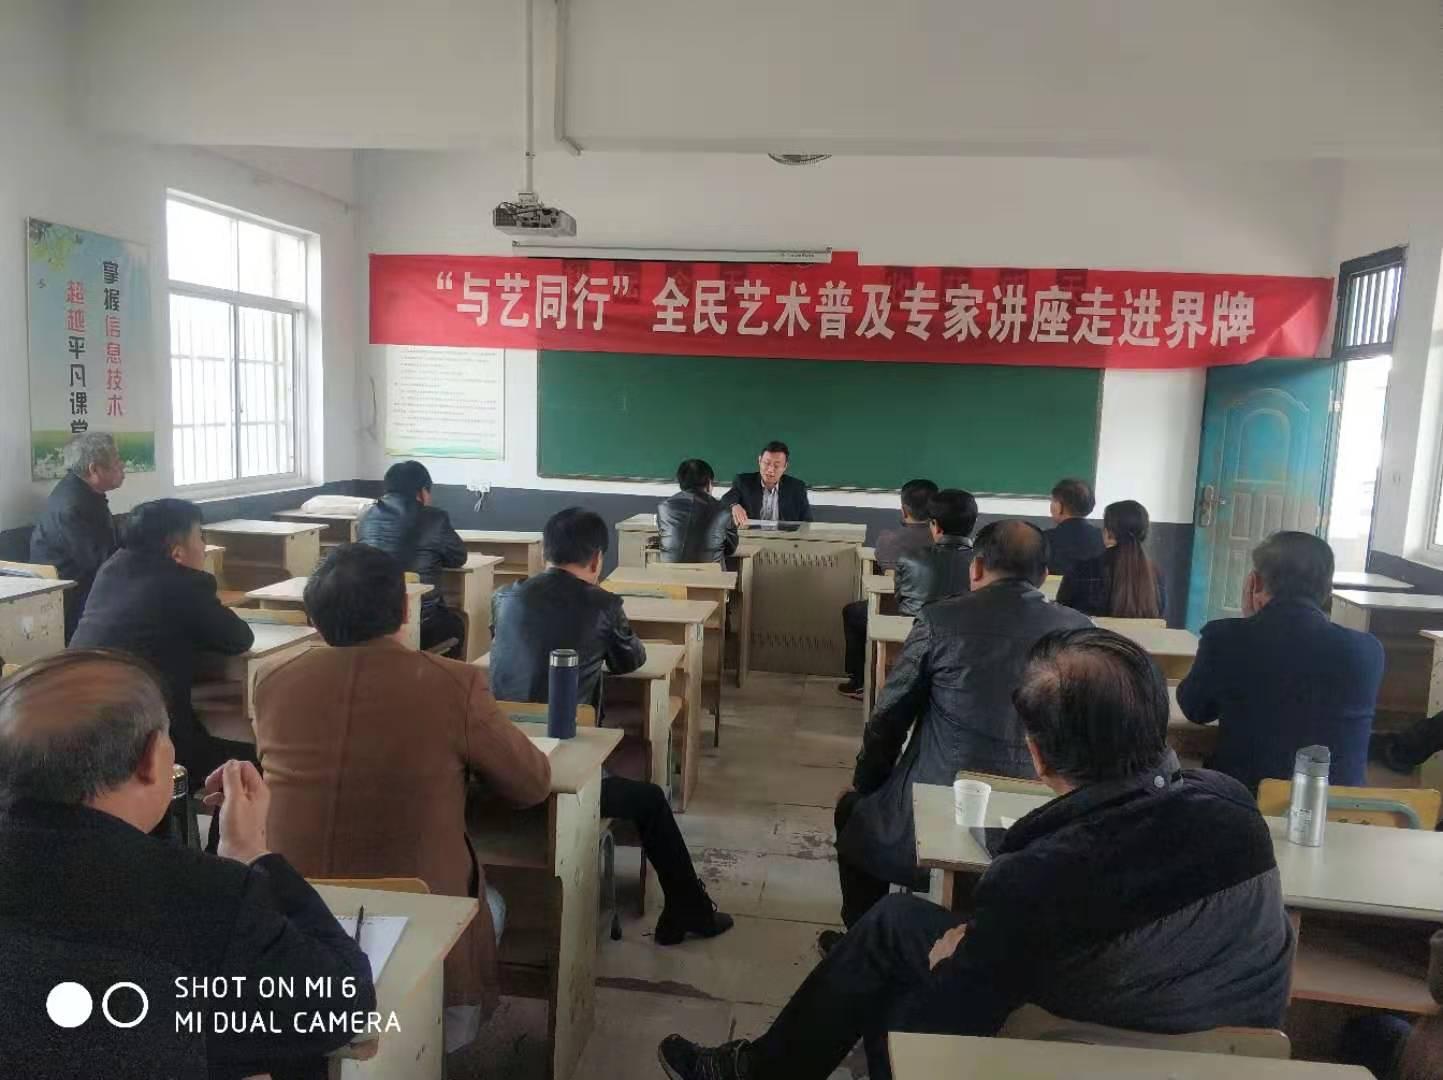 丹阳市界牌镇举行书法讲座活动